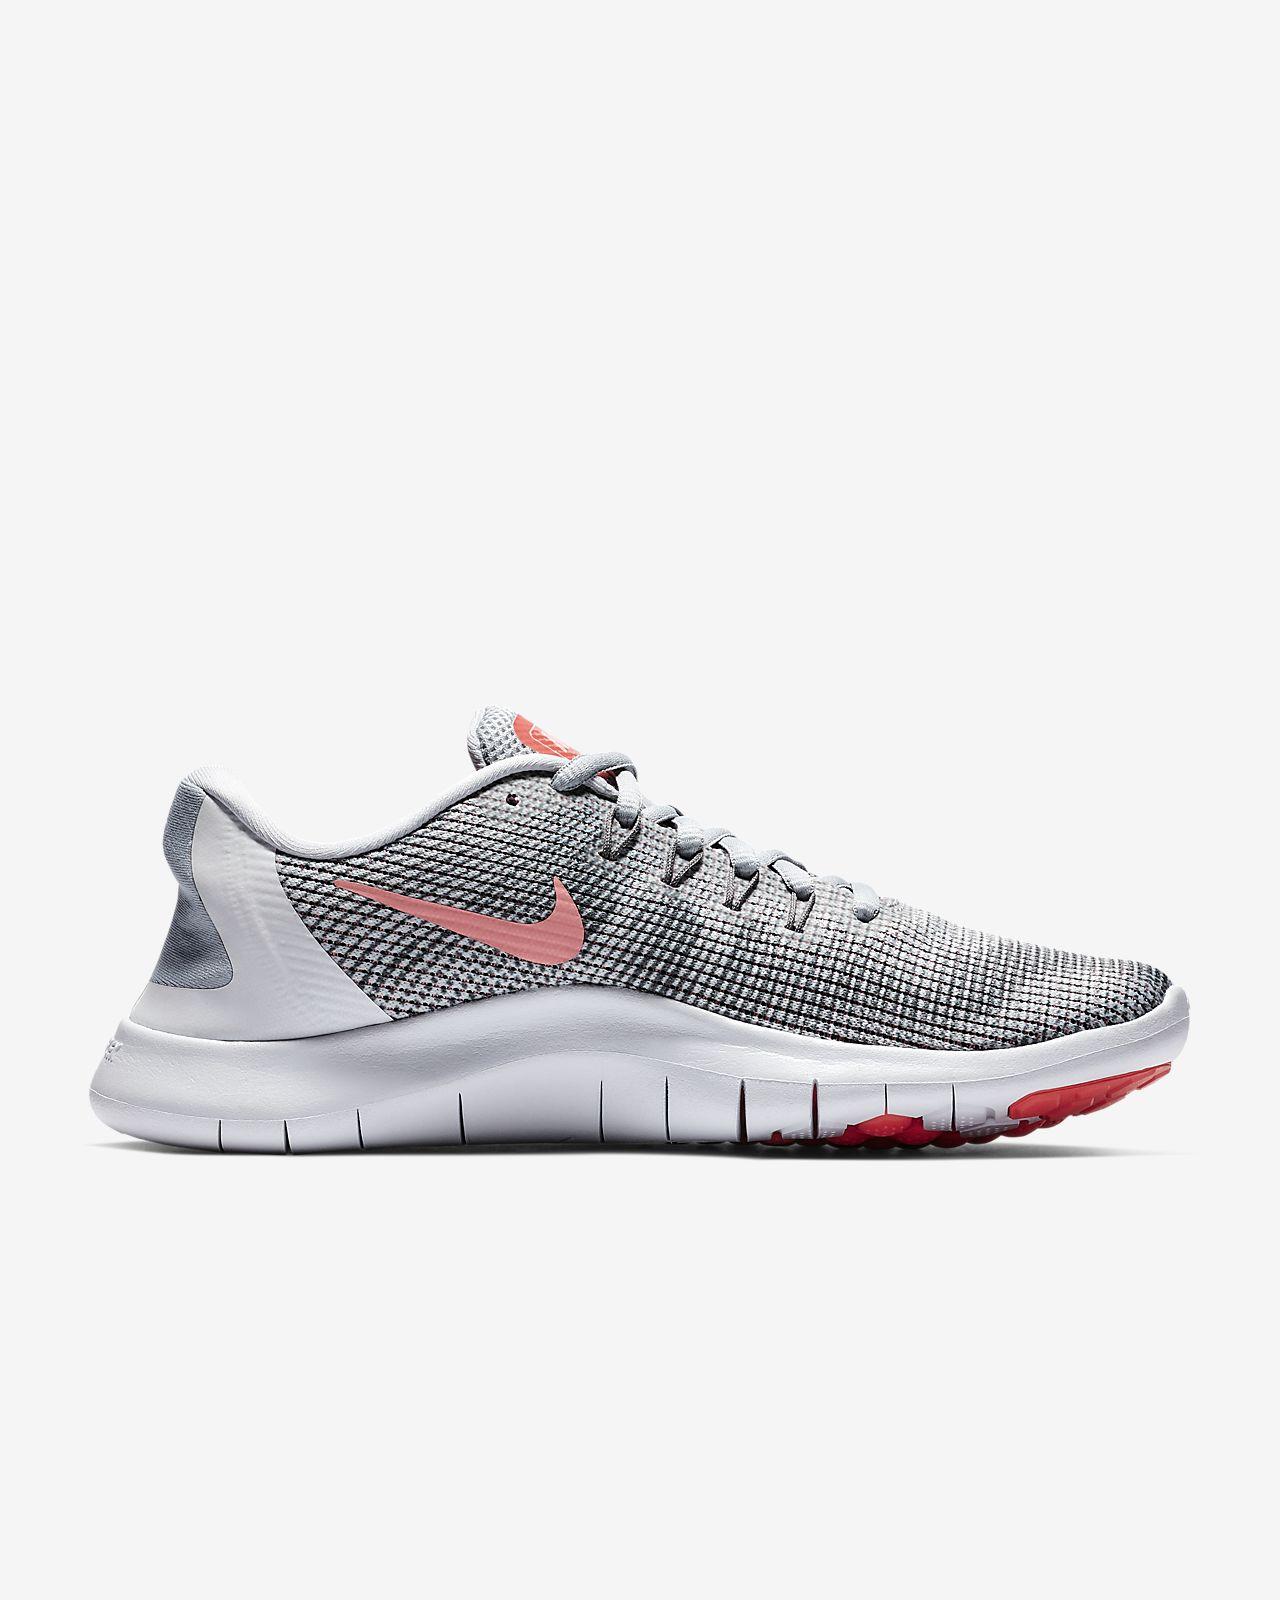 b4fd551e052c4 Nike Flex RN 2018 Women s Running Shoe. Nike.com CA